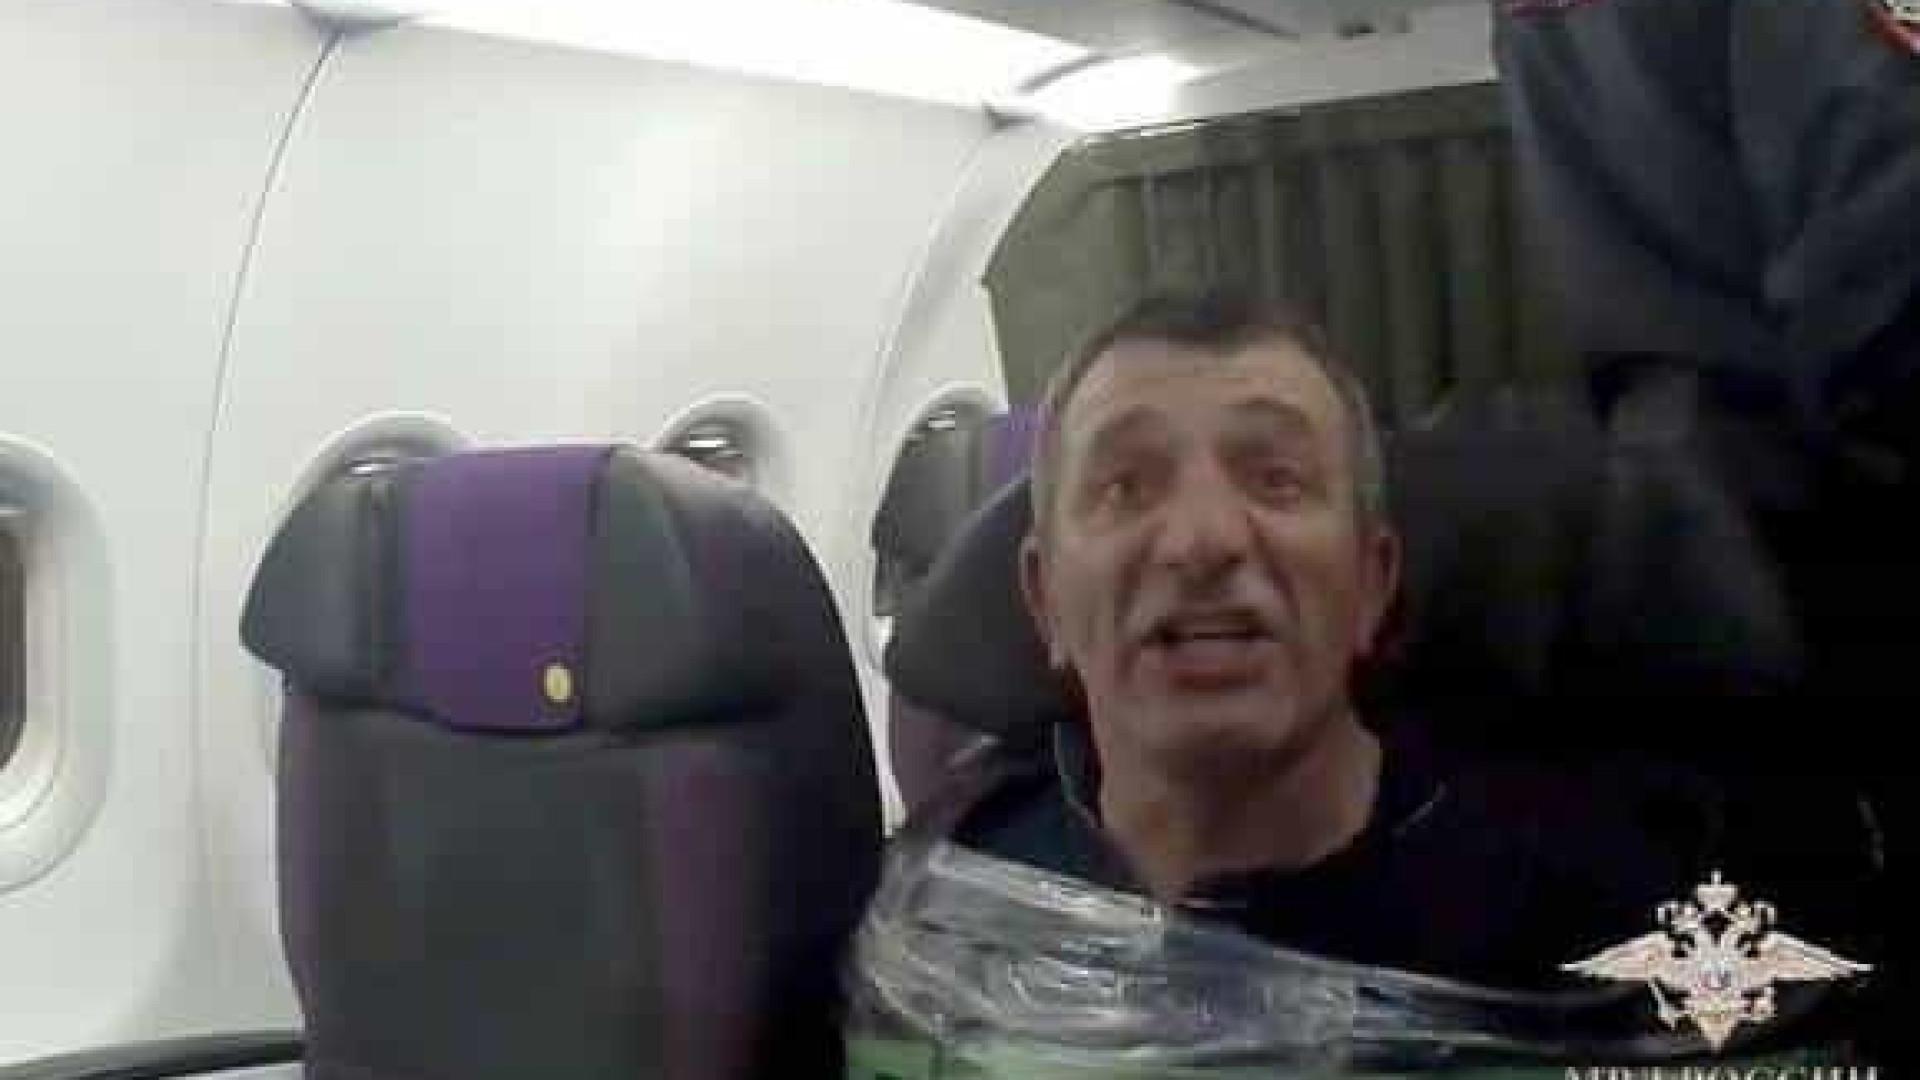 Passageiro causa tumulto em avião e é preso ao banco com fita adesiva